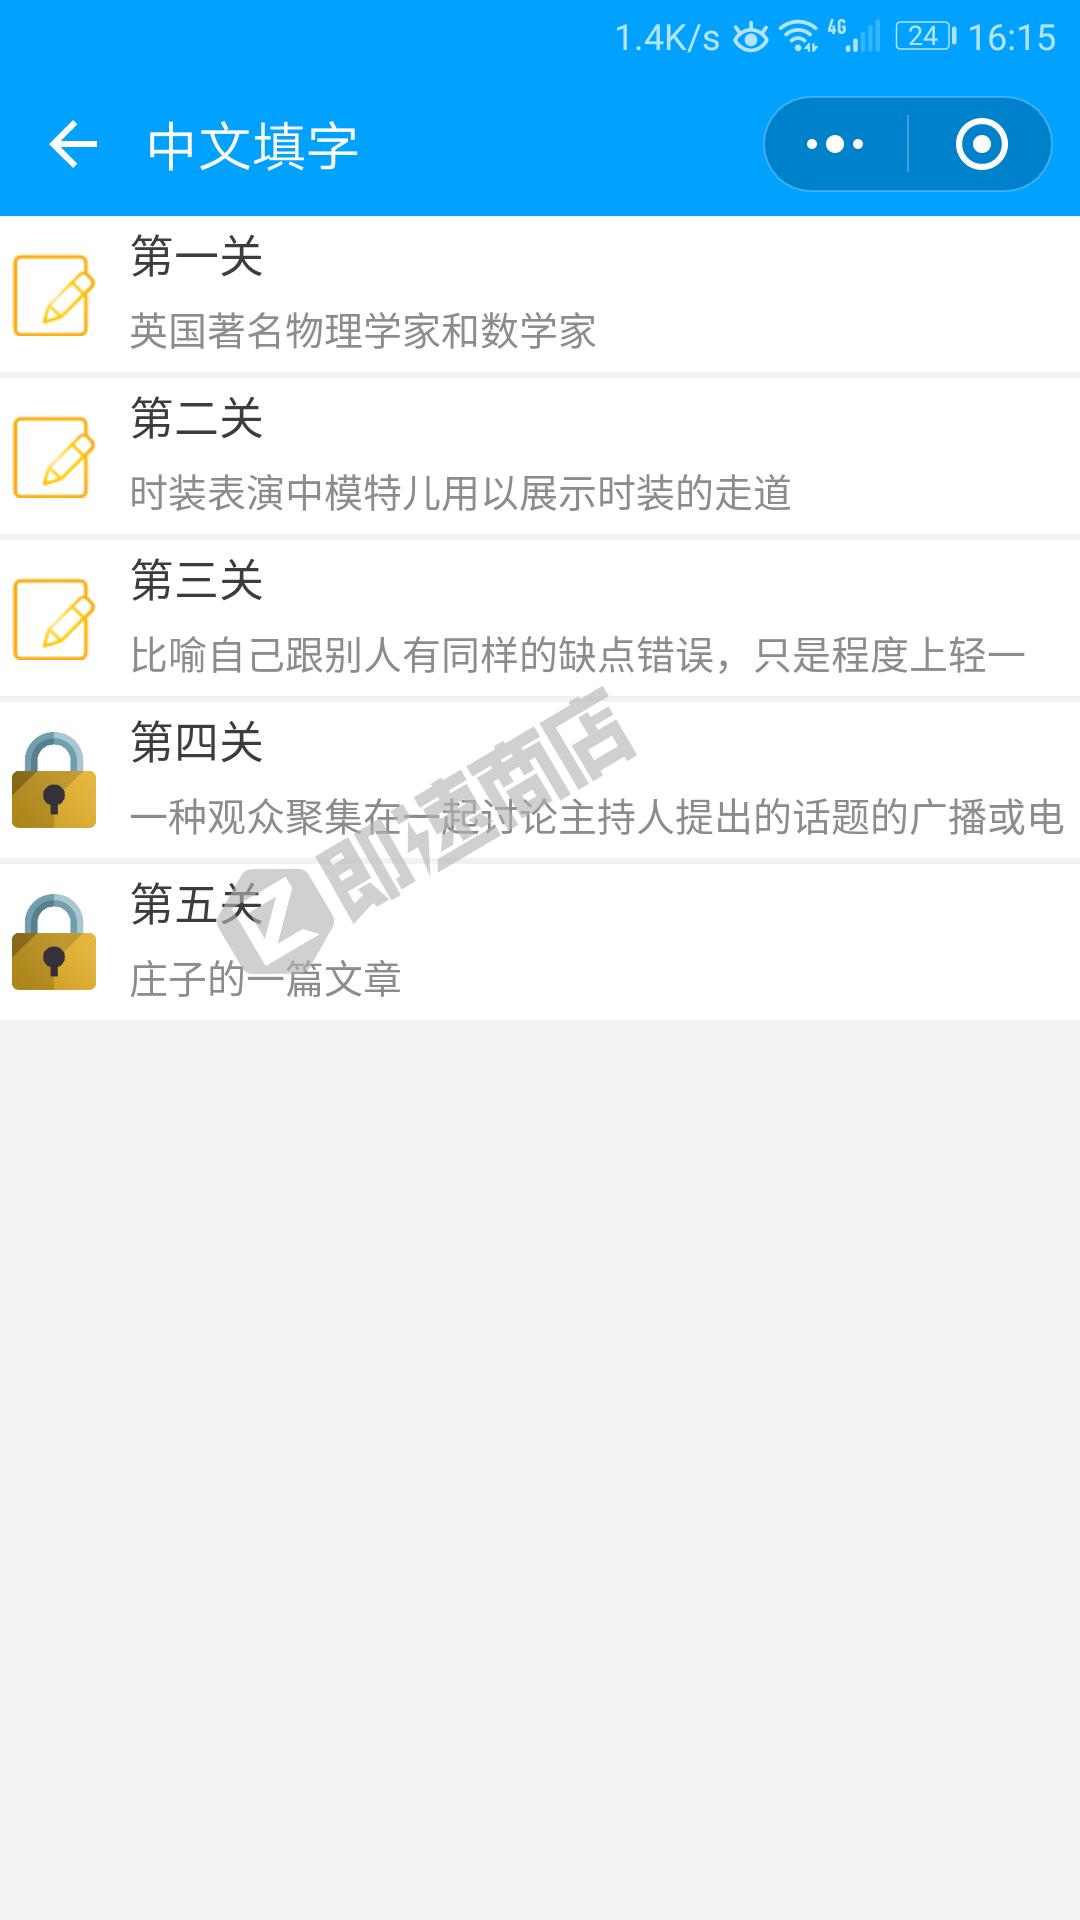 中文填字游戏小程序列表页截图